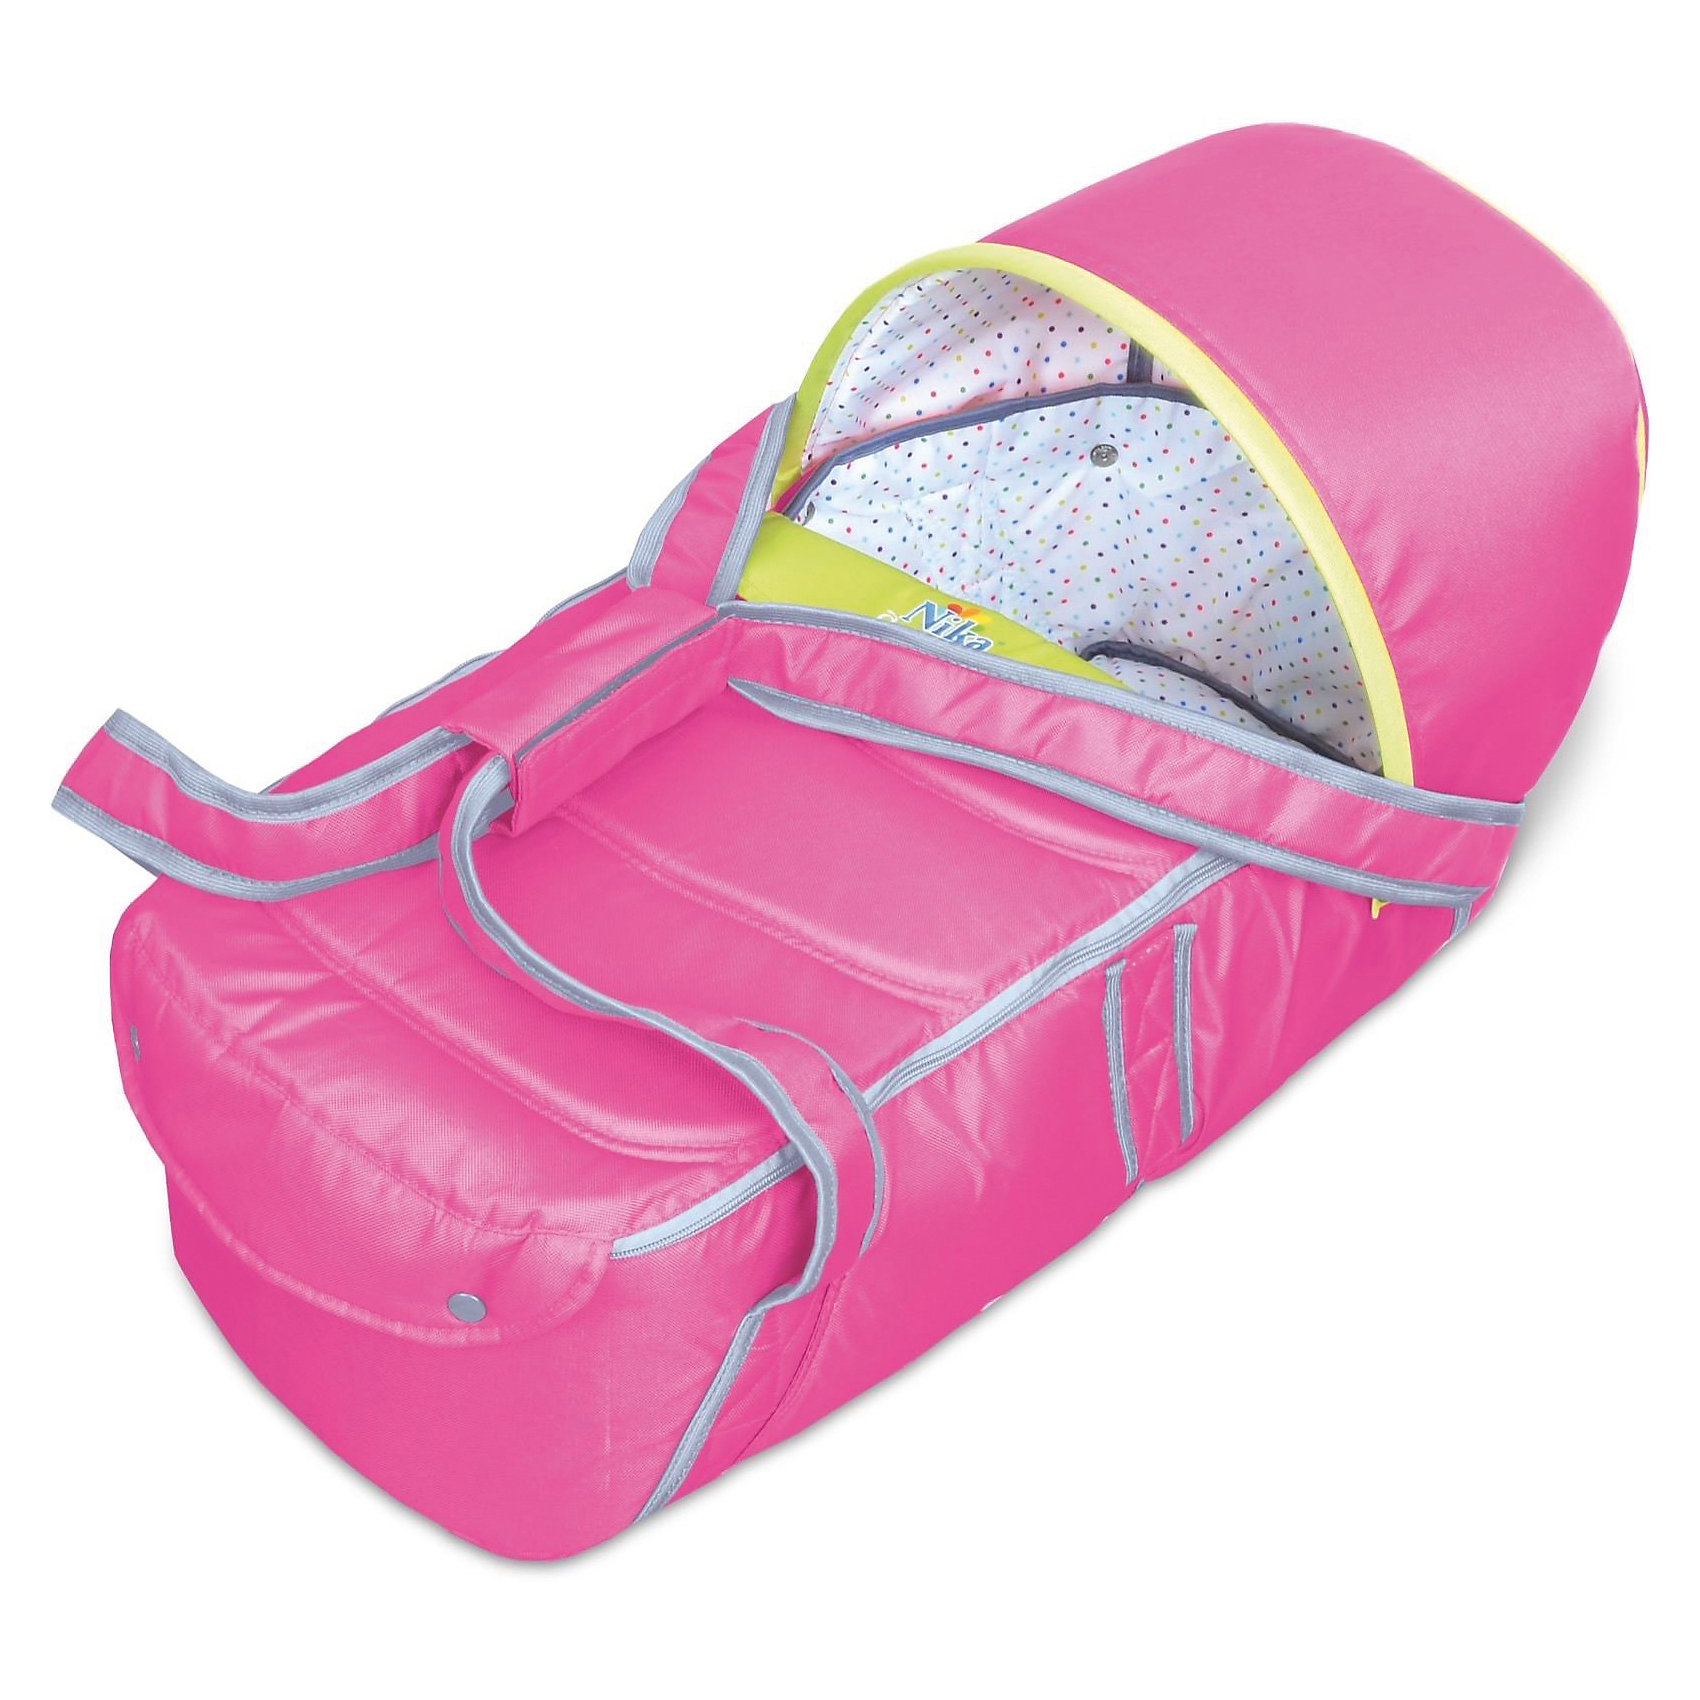 Люлька-переноска Л1, Ника, розовыйЛюлька-переноска Л1, Ника, розовый – удобство и комфорт для вашего малыша.<br>Люлька имеет жесткое дно для правильного формирования позвоночника ребенка. В ней очень комфортно спать. Дополнительно идет капюшон, который можно пристегнуть в холодную ветреную погоду для защиты от осадков. Удобные ручки для переноса. Открывается люлька с помощью молнии. Подходит для вкладыша в санки-коляски.<br><br>Дополнительная информация:<br><br>- размер: 80 х 40 х 30 см.<br>- вес: 7,6 кг.<br>- цвет: розовый<br><br>Люльку-переноску Л1, Ника, розовый можно купить в нашем интернет магазине.<br><br>Ширина мм: 670<br>Глубина мм: 300<br>Высота мм: 300<br>Вес г: 1400<br>Возраст от месяцев: 0<br>Возраст до месяцев: 6<br>Пол: Женский<br>Возраст: Детский<br>SKU: 4998932